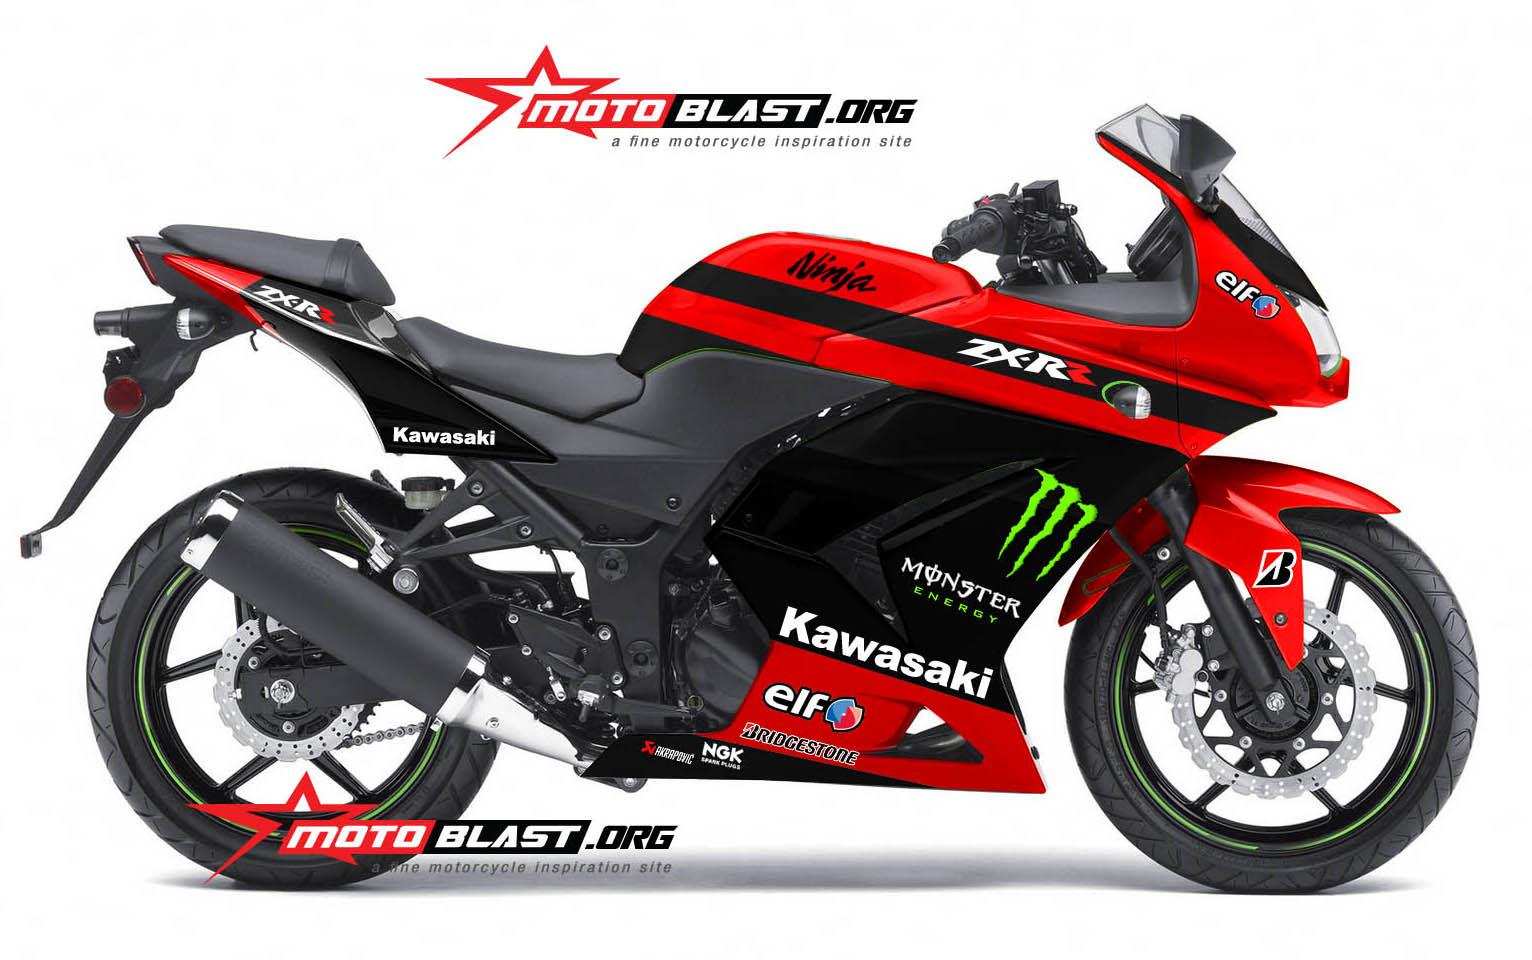 Modif Striping Kawasaki Ninja 250r Karbu Merah Motoblast